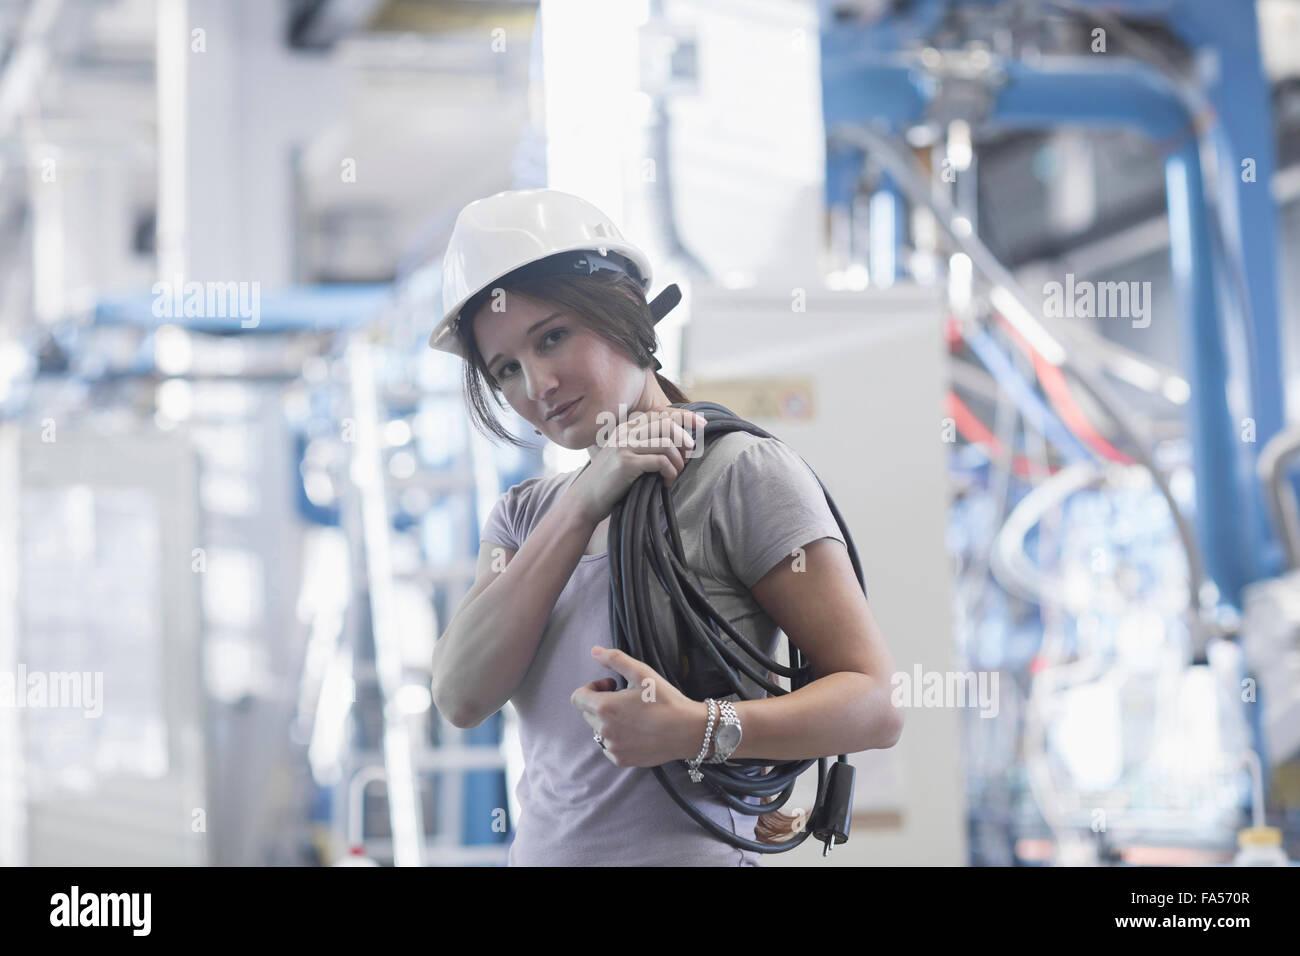 Tecnico femminile che porta la bobina di corda sulla spalla in un impianto industriale di Freiburg im Breisgau, Immagini Stock